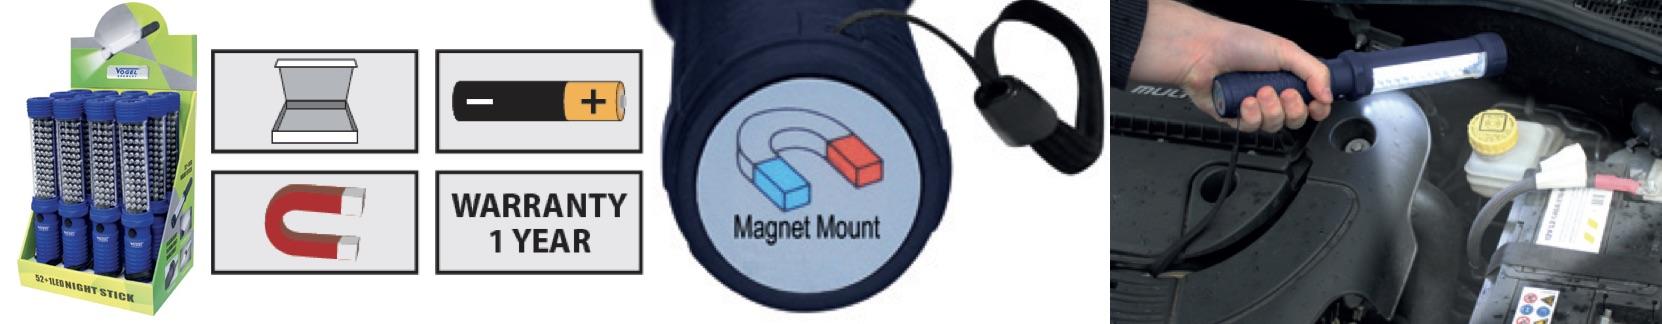 Đèn bảo dưỡng loại dùng pin thường AA, 3x1.5V. Nam châm chân đế